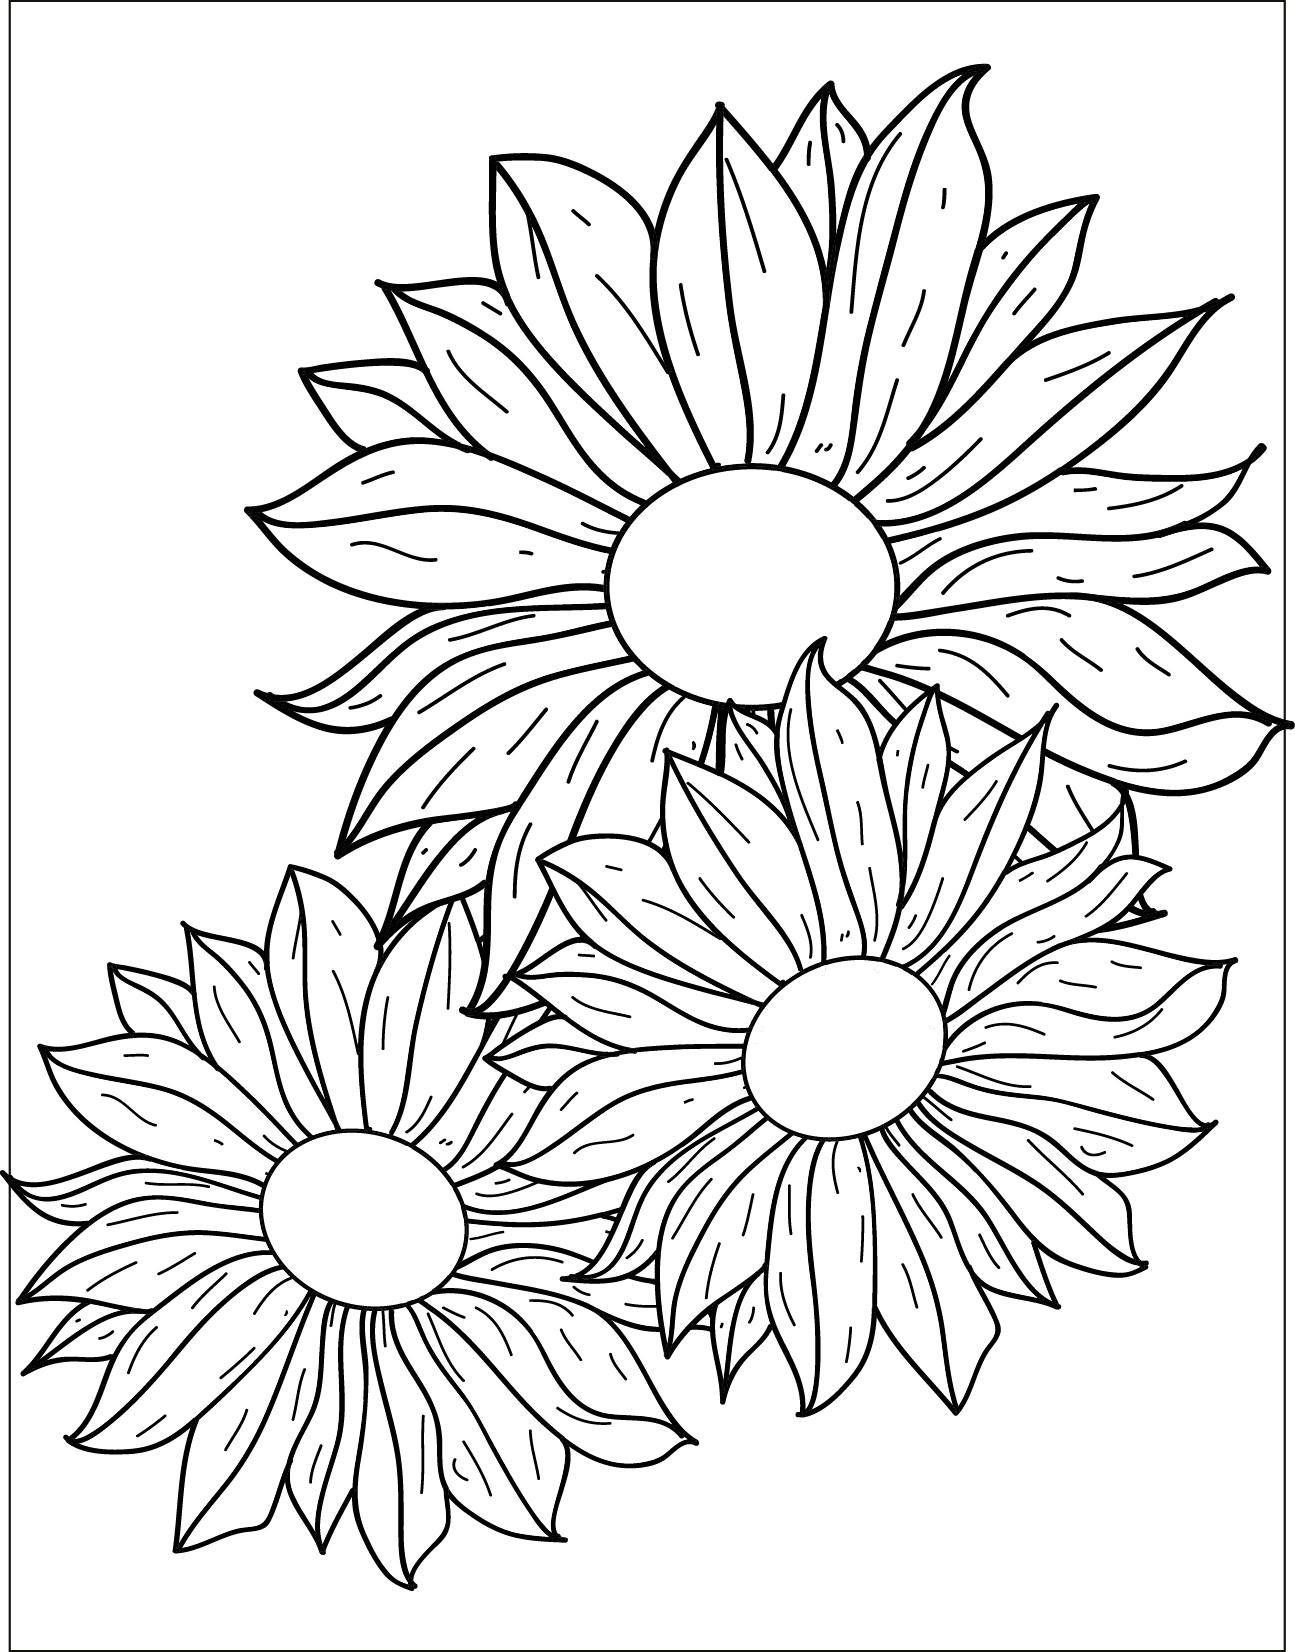 Coloriage gratuit fleurs marguerites - Dessine gratuit ...